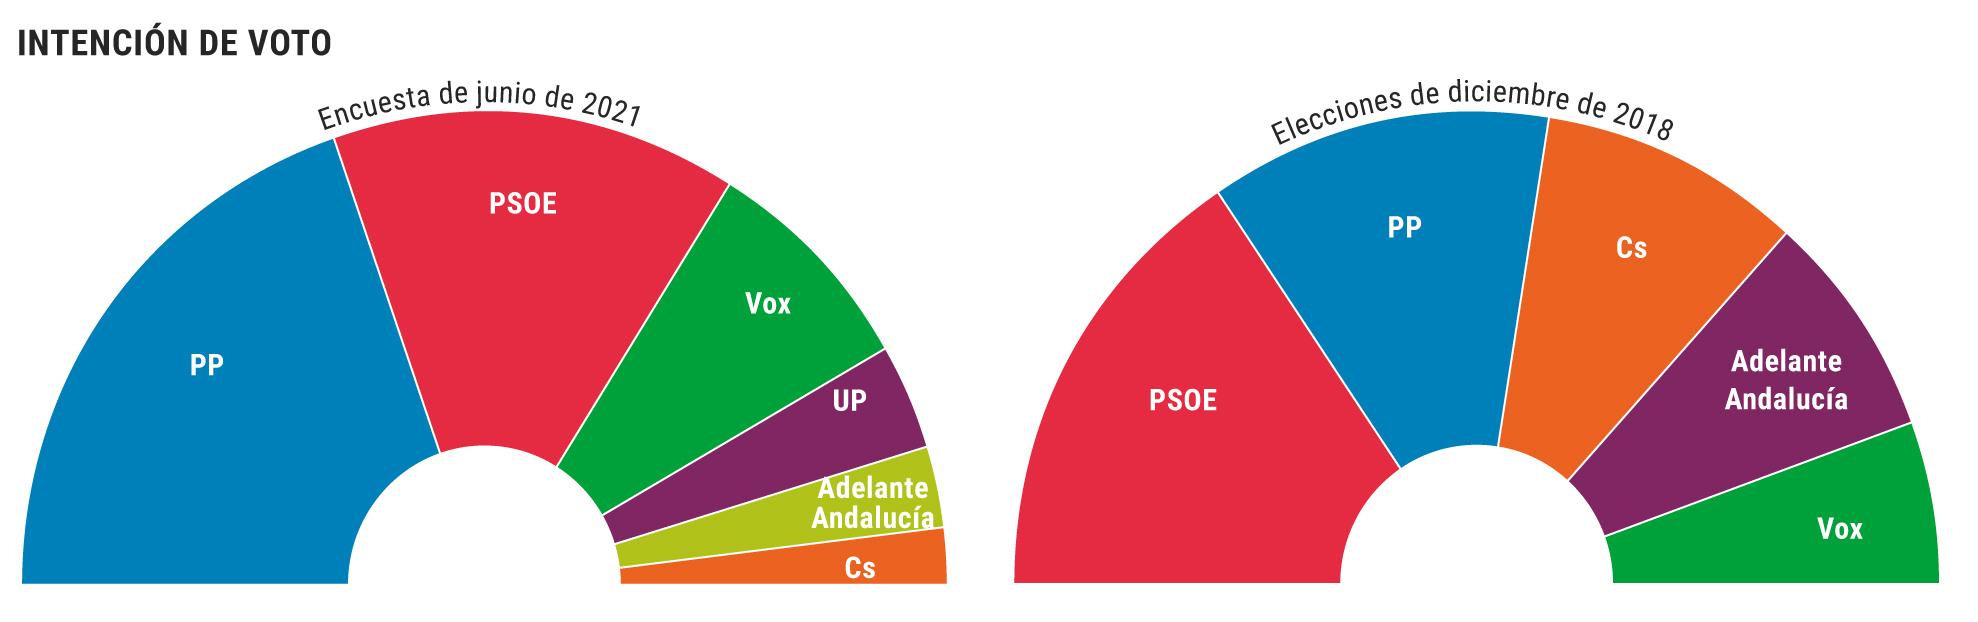 El PP replica en Andalucía la amplia mayoría de Madrid: absorbe a Ciudadanos y arrasa a un PSOE hundido